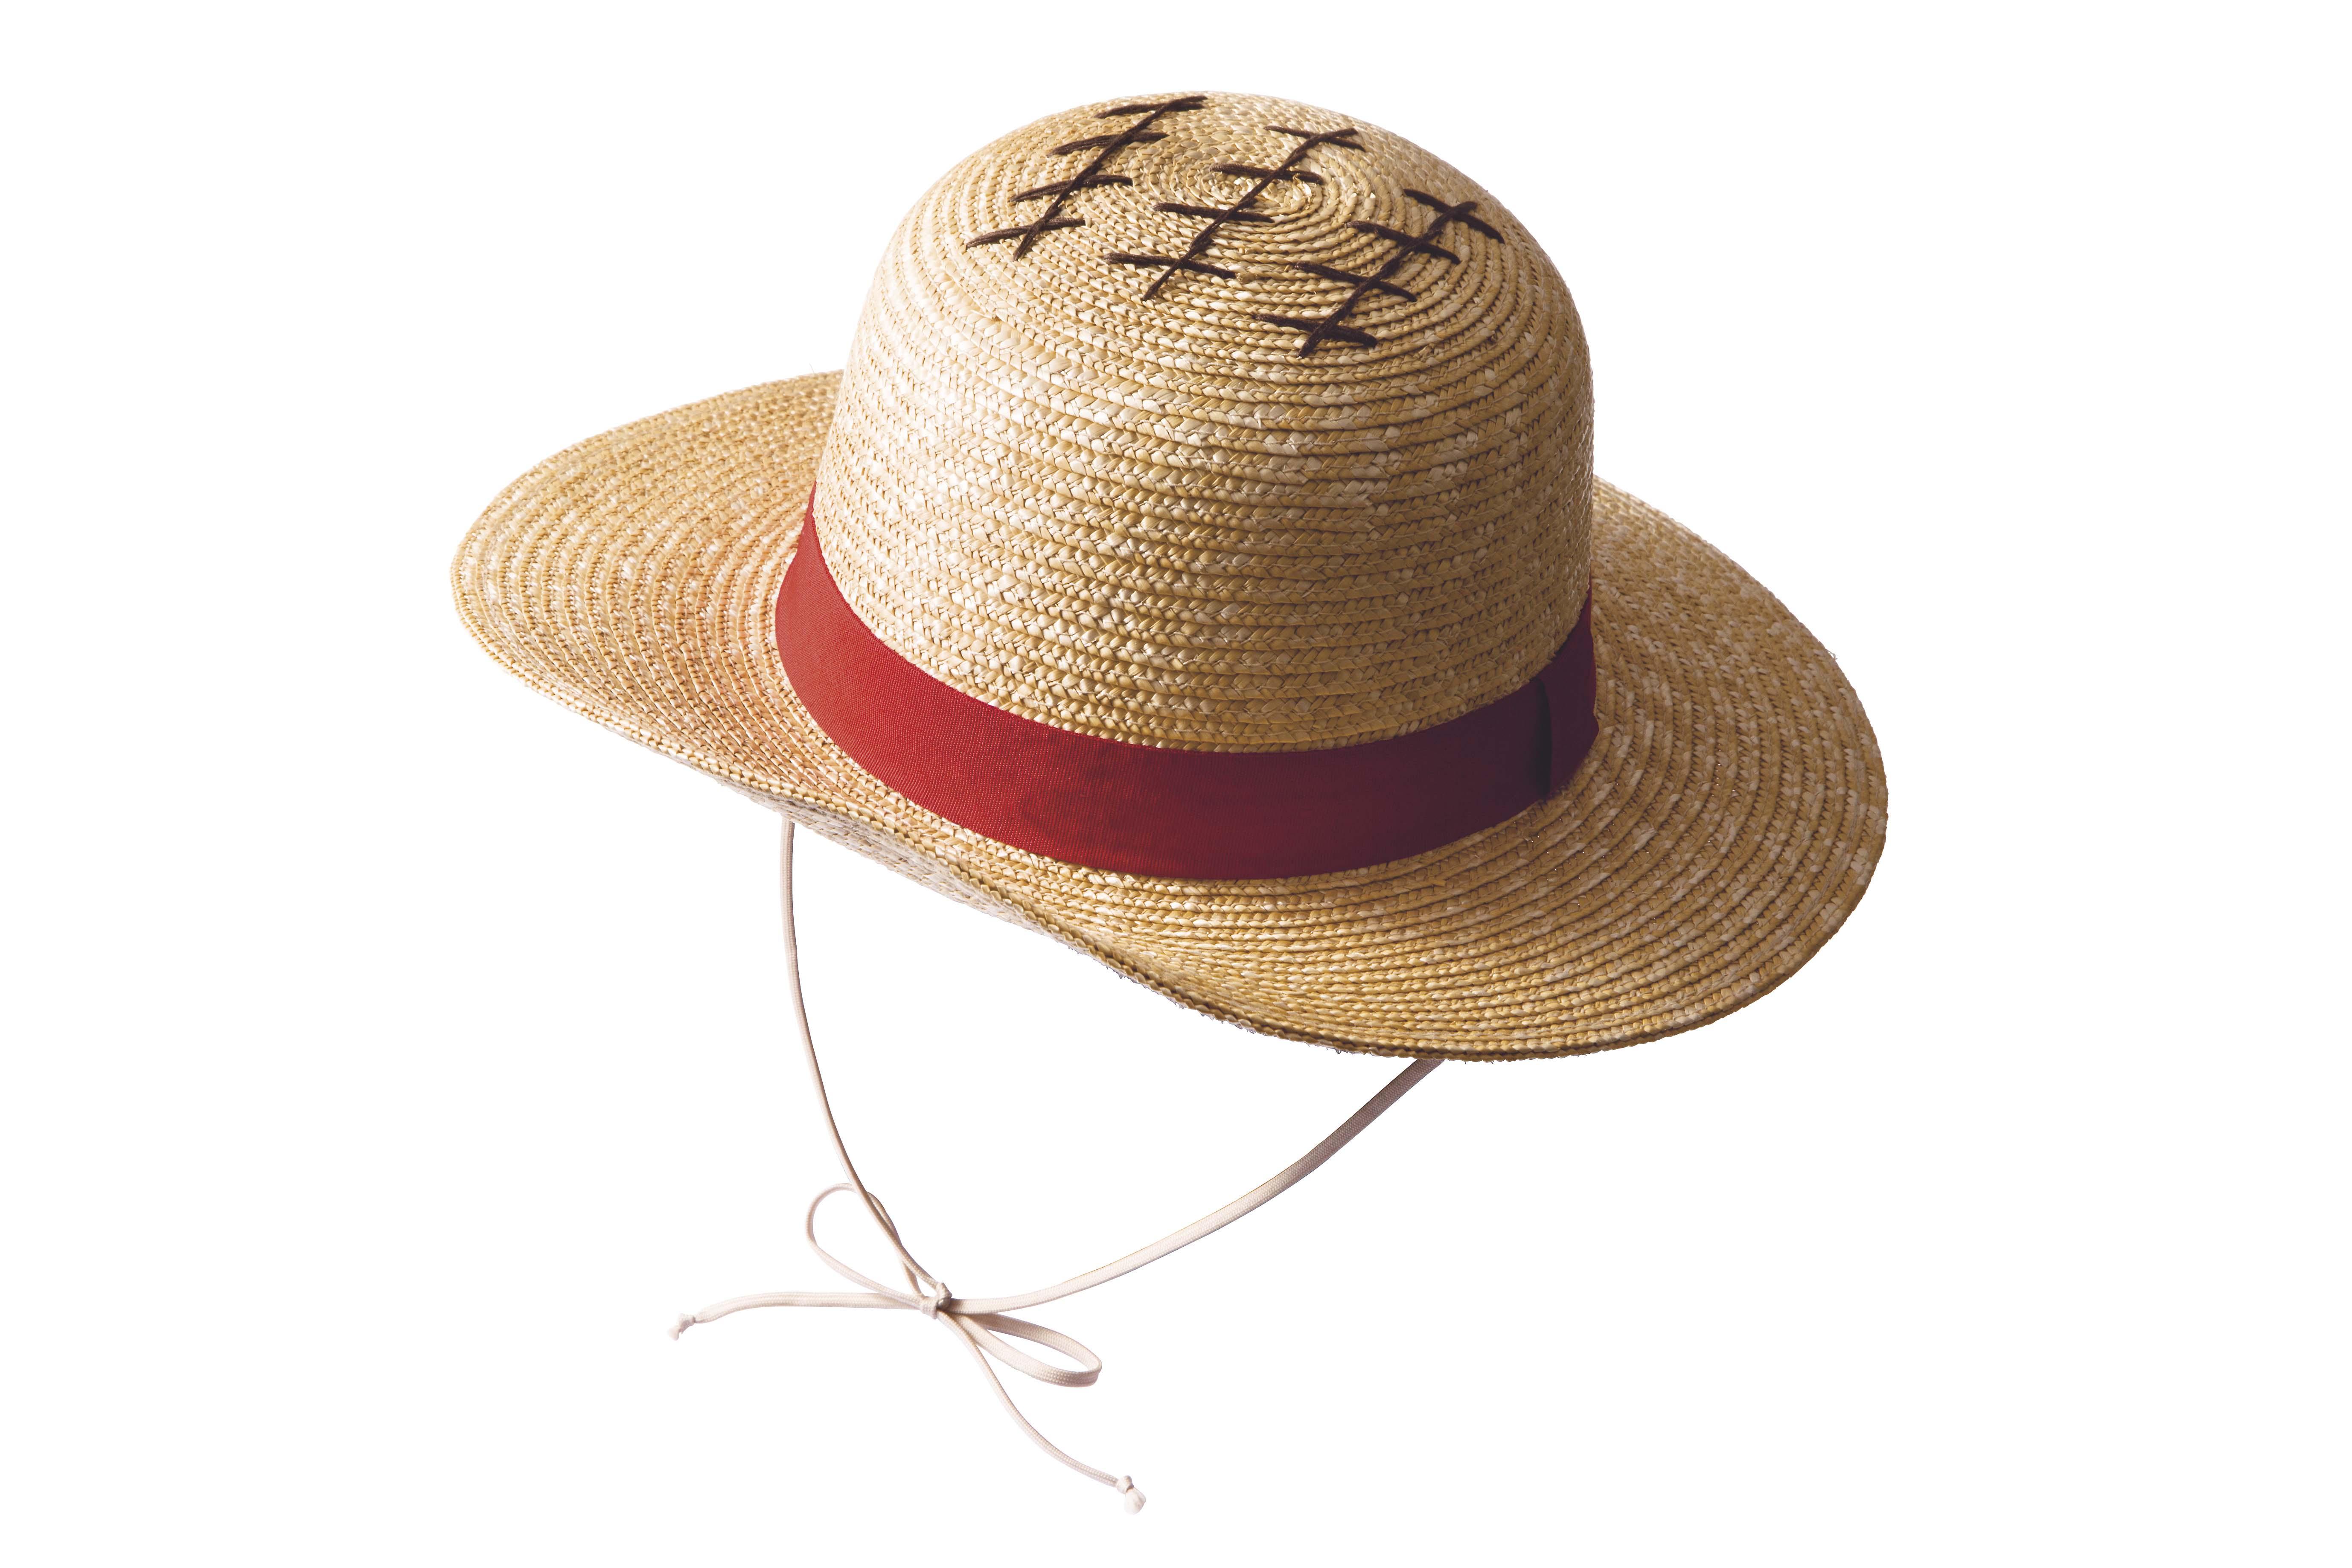 ルフィの麦わら帽子も限定グッズとして登場